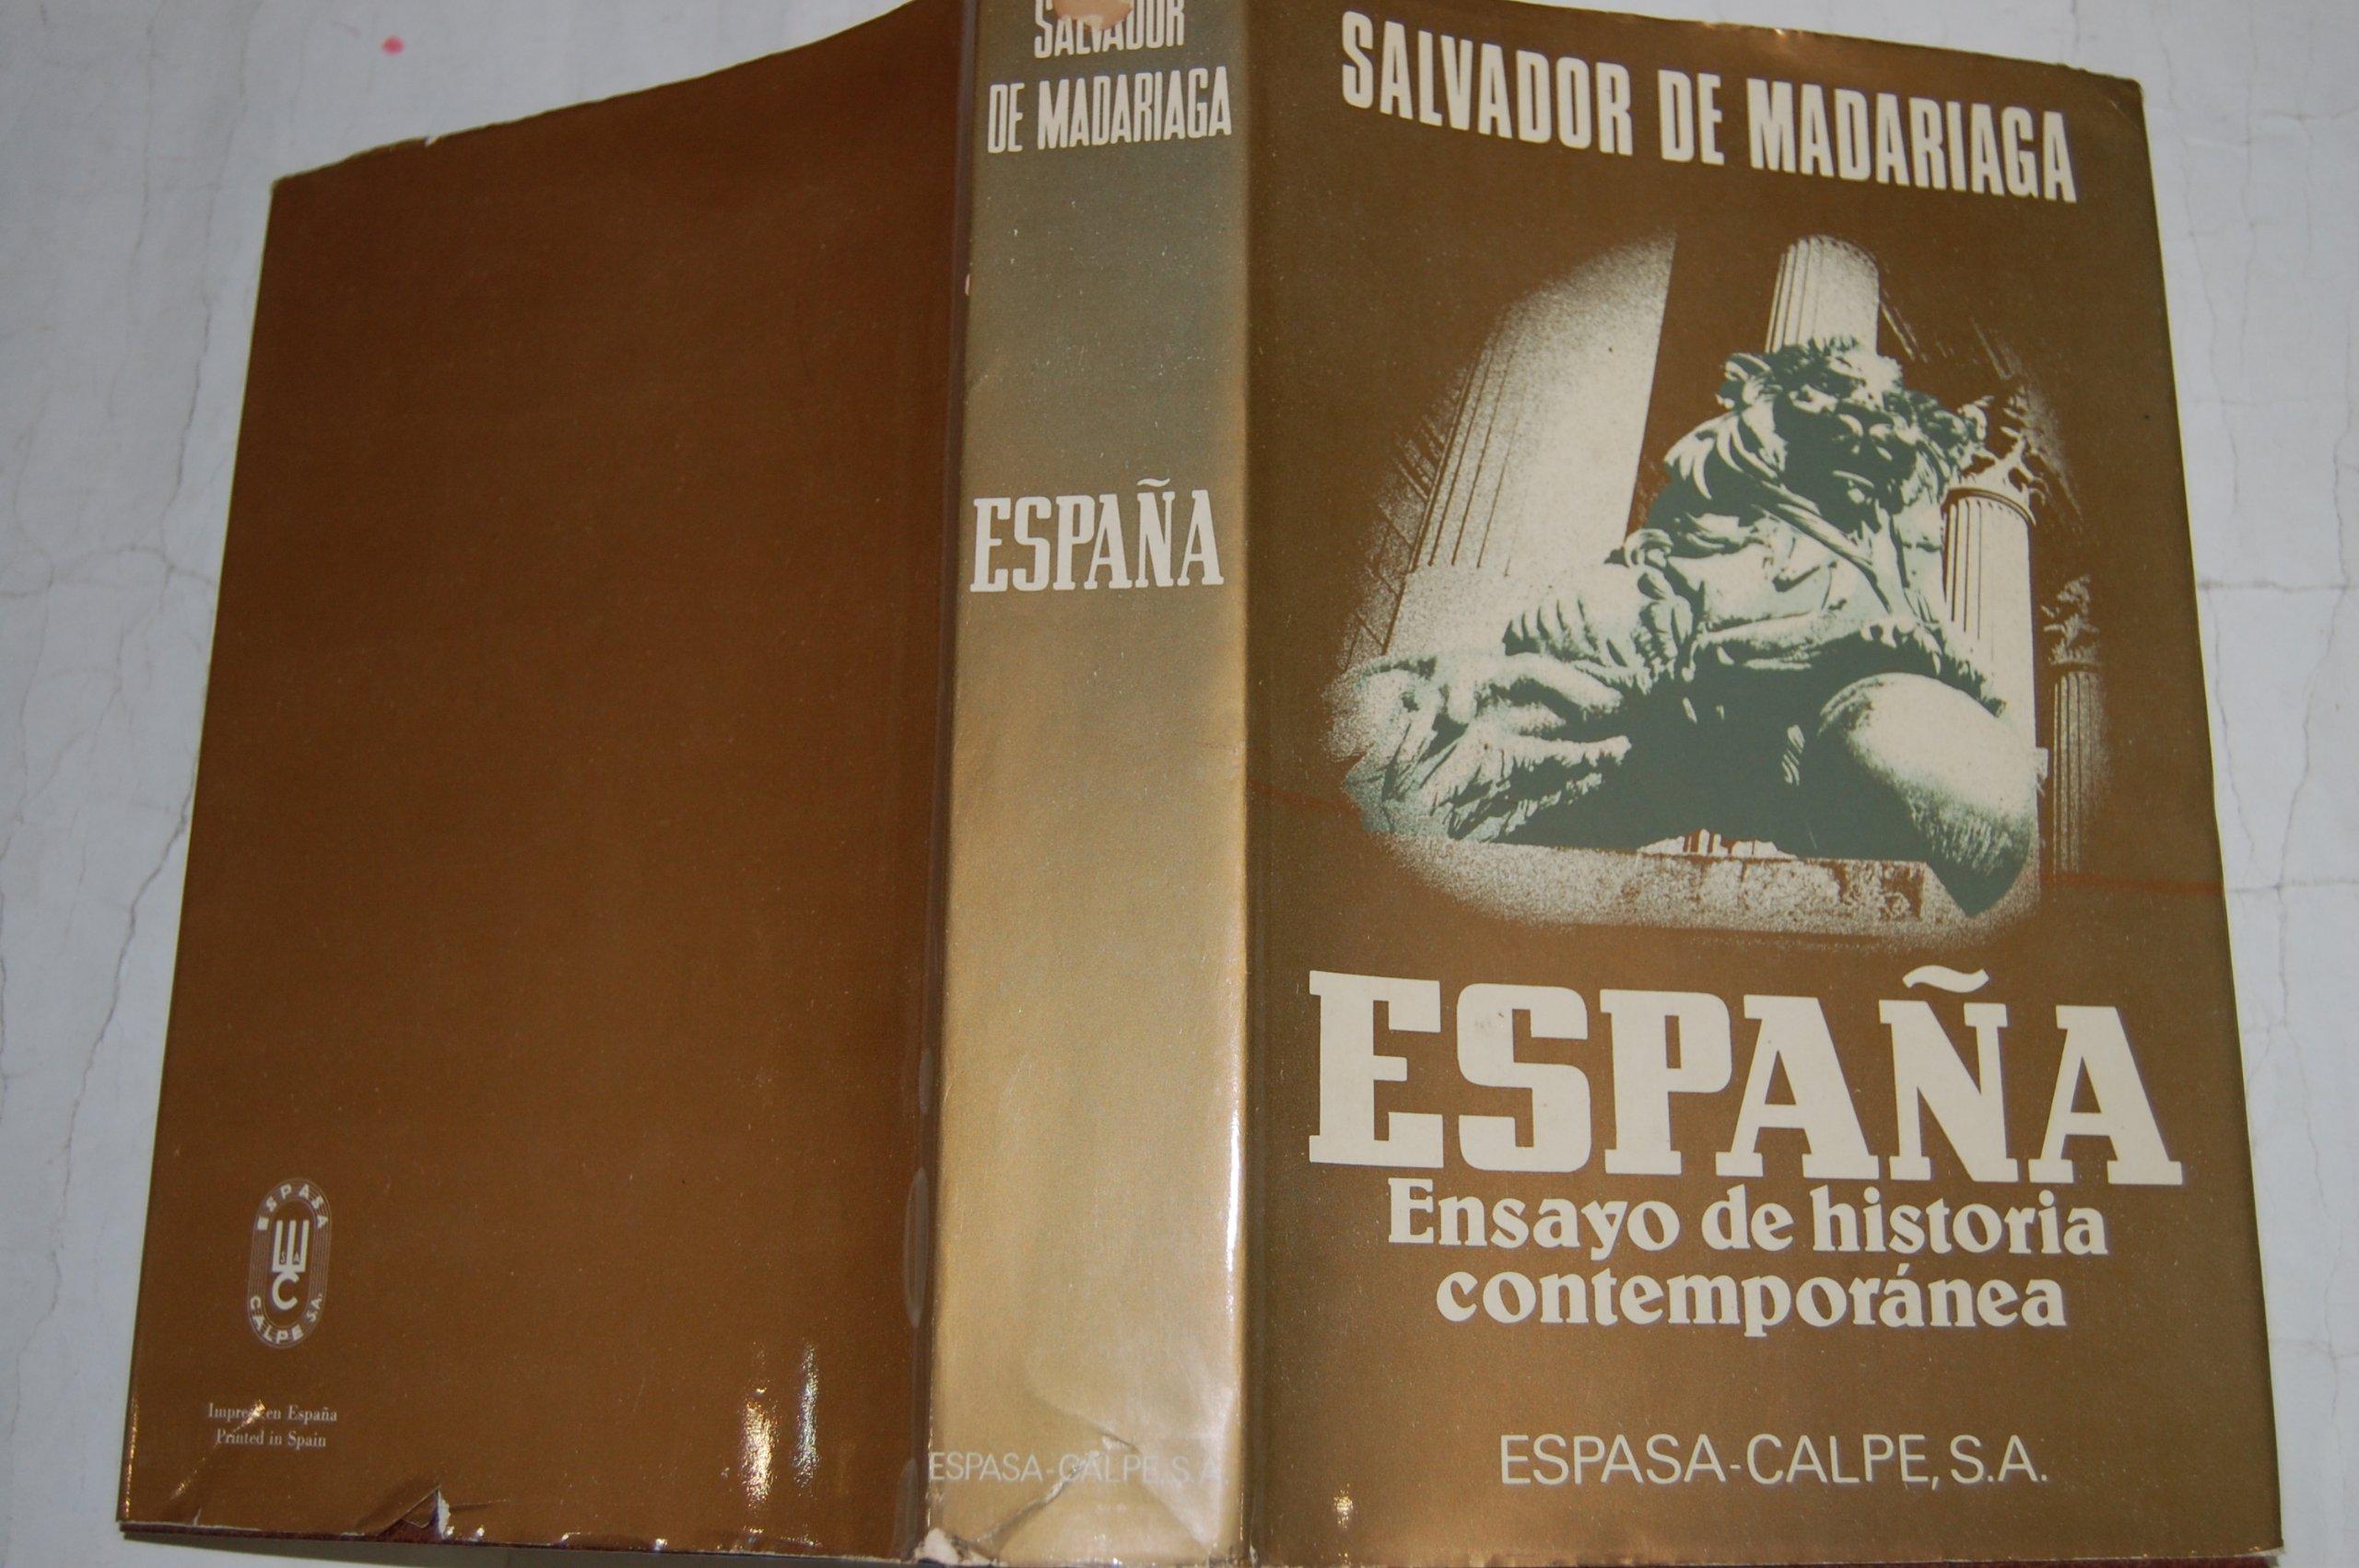 España.ensayo de historia contemporanea: Amazon.es: Salvador De Madariaga: Libros